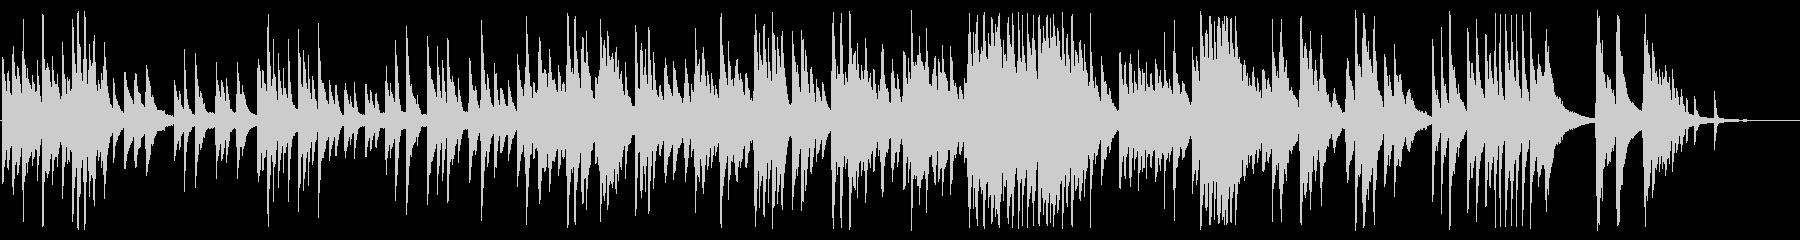 優しいメロディのソロピアノ曲の未再生の波形